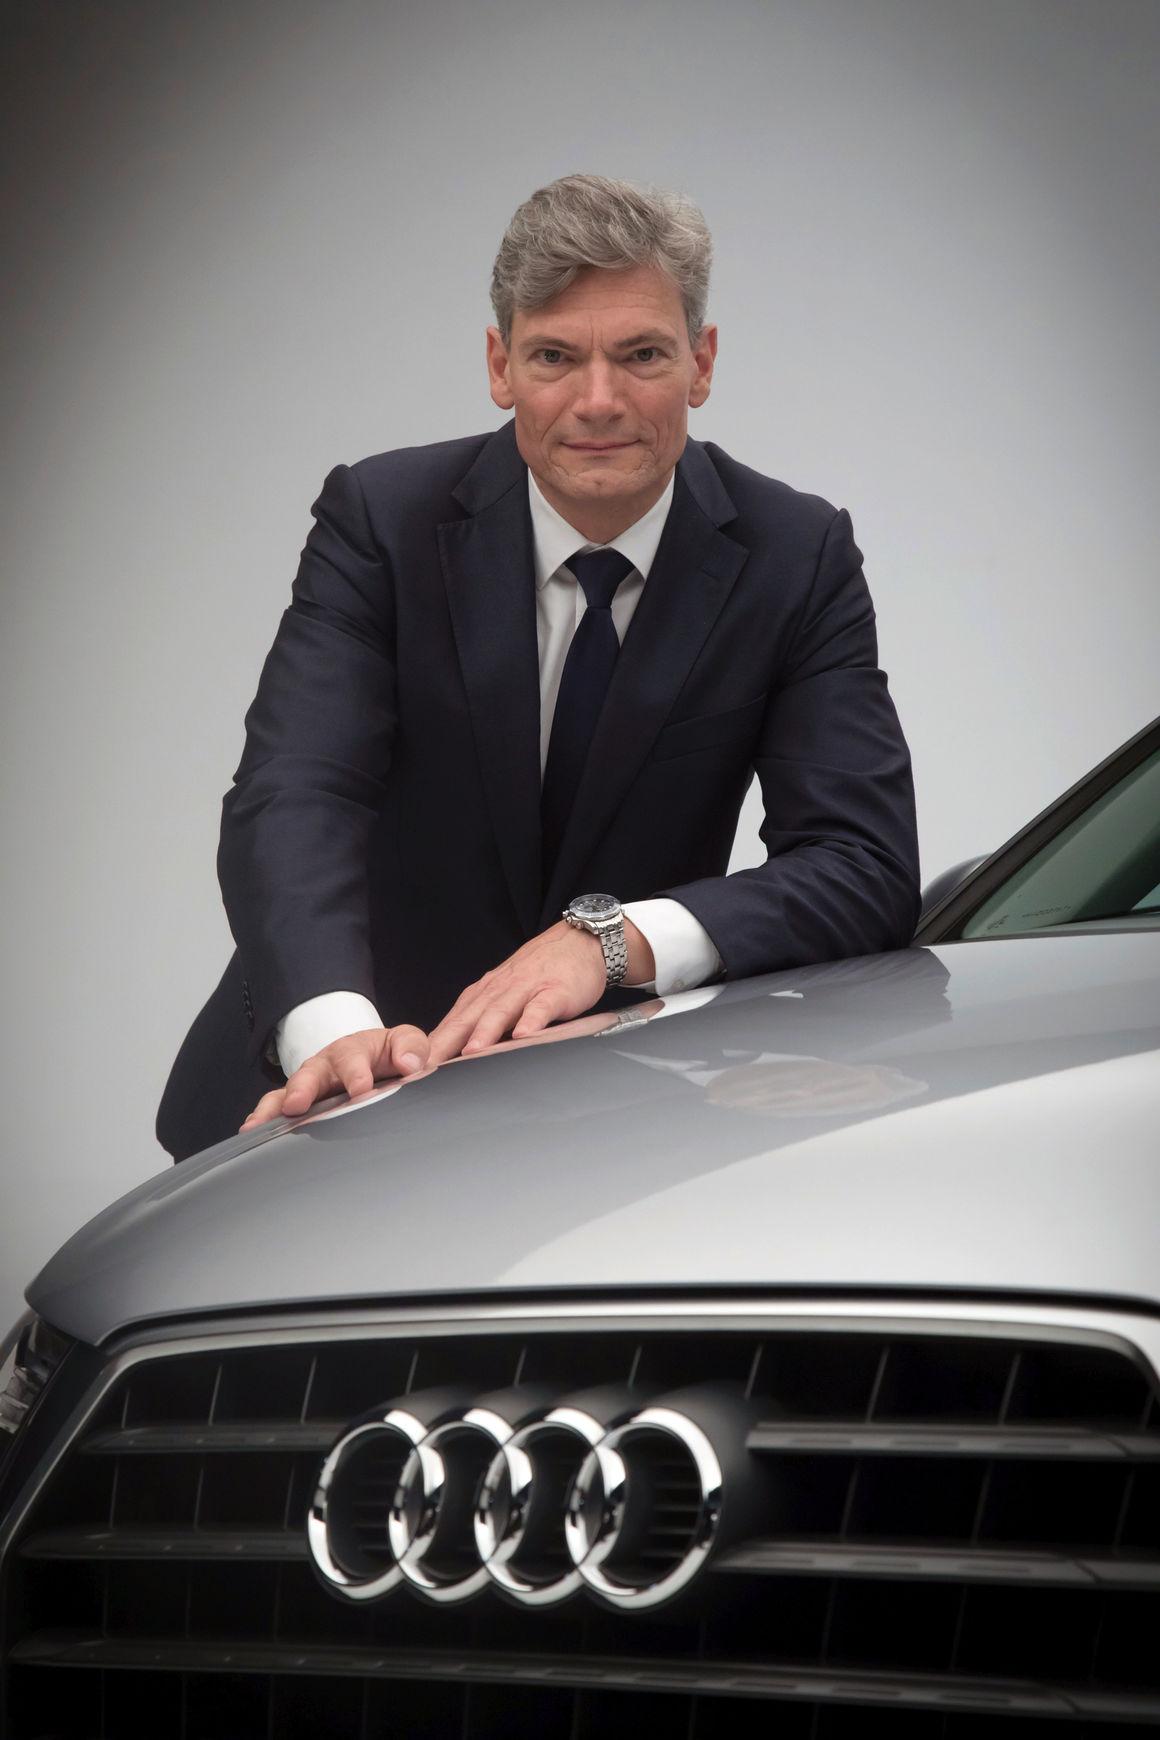 Johannes Roscheck is the new president of Audi do Brasil